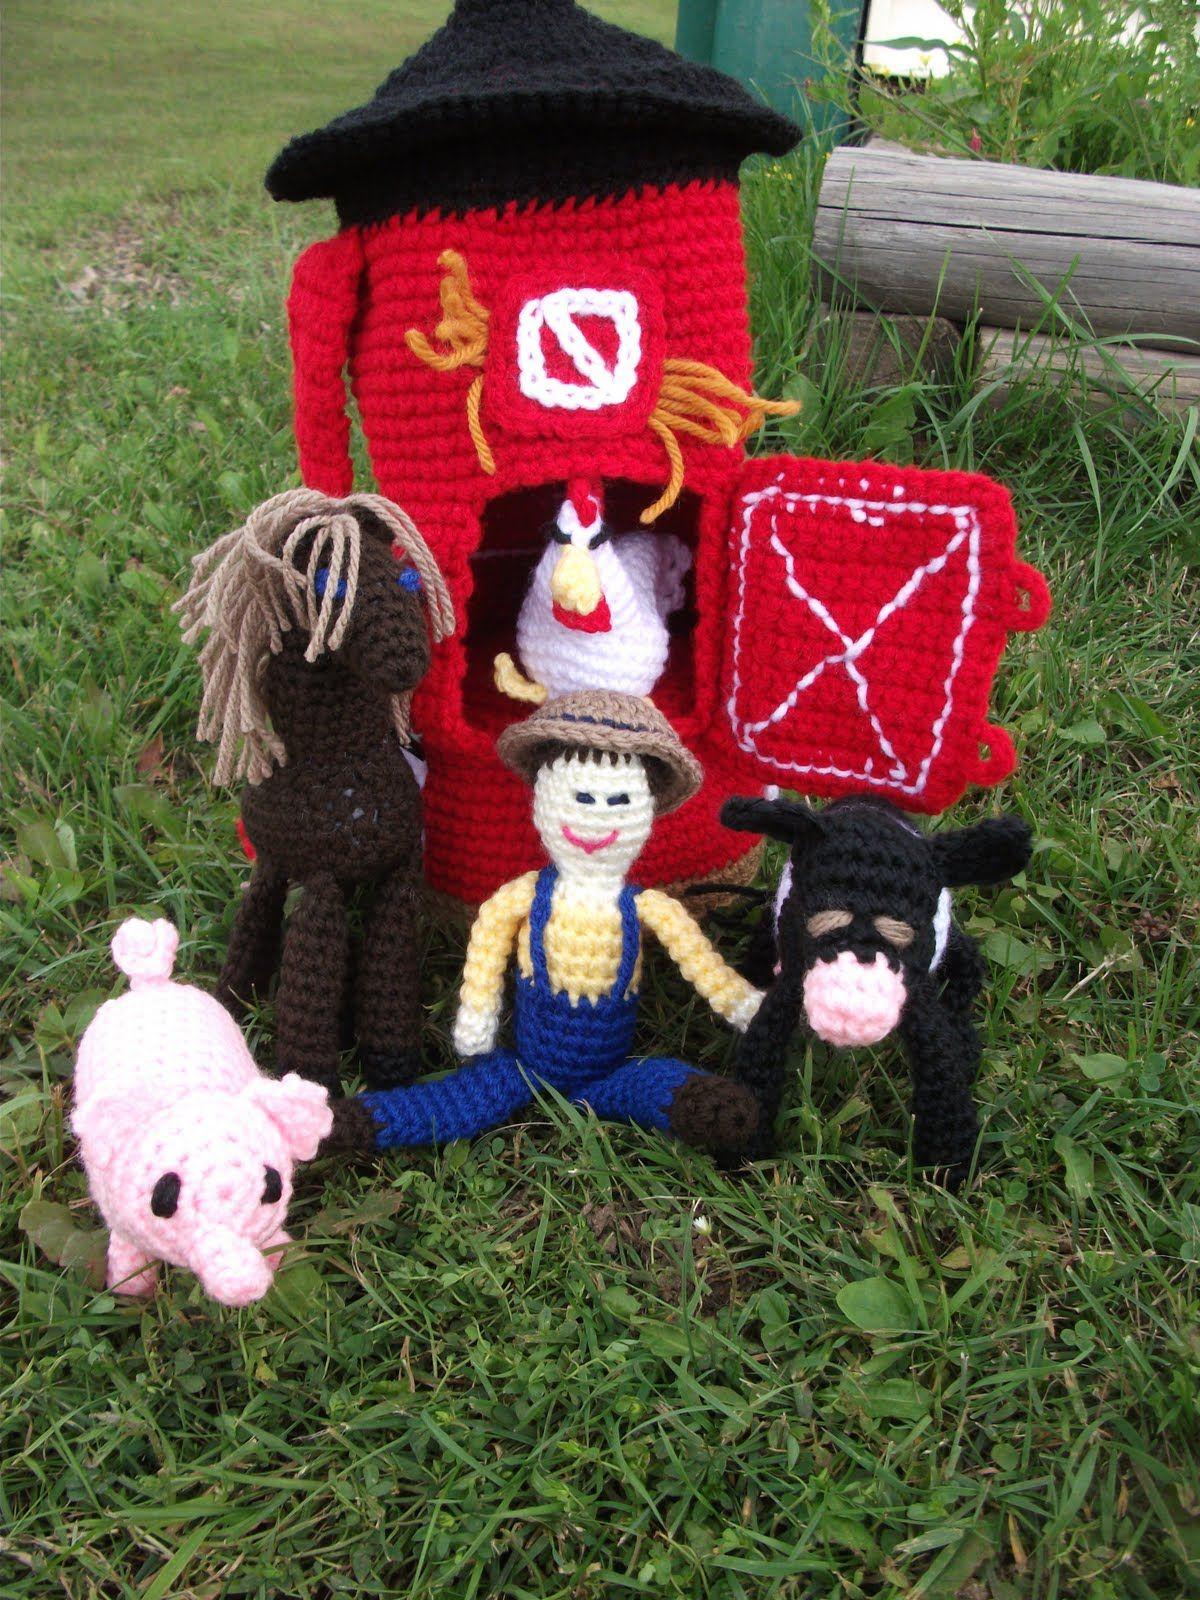 Bizzy Crochet: Barnyard Gang Pattern- Picture Heavy